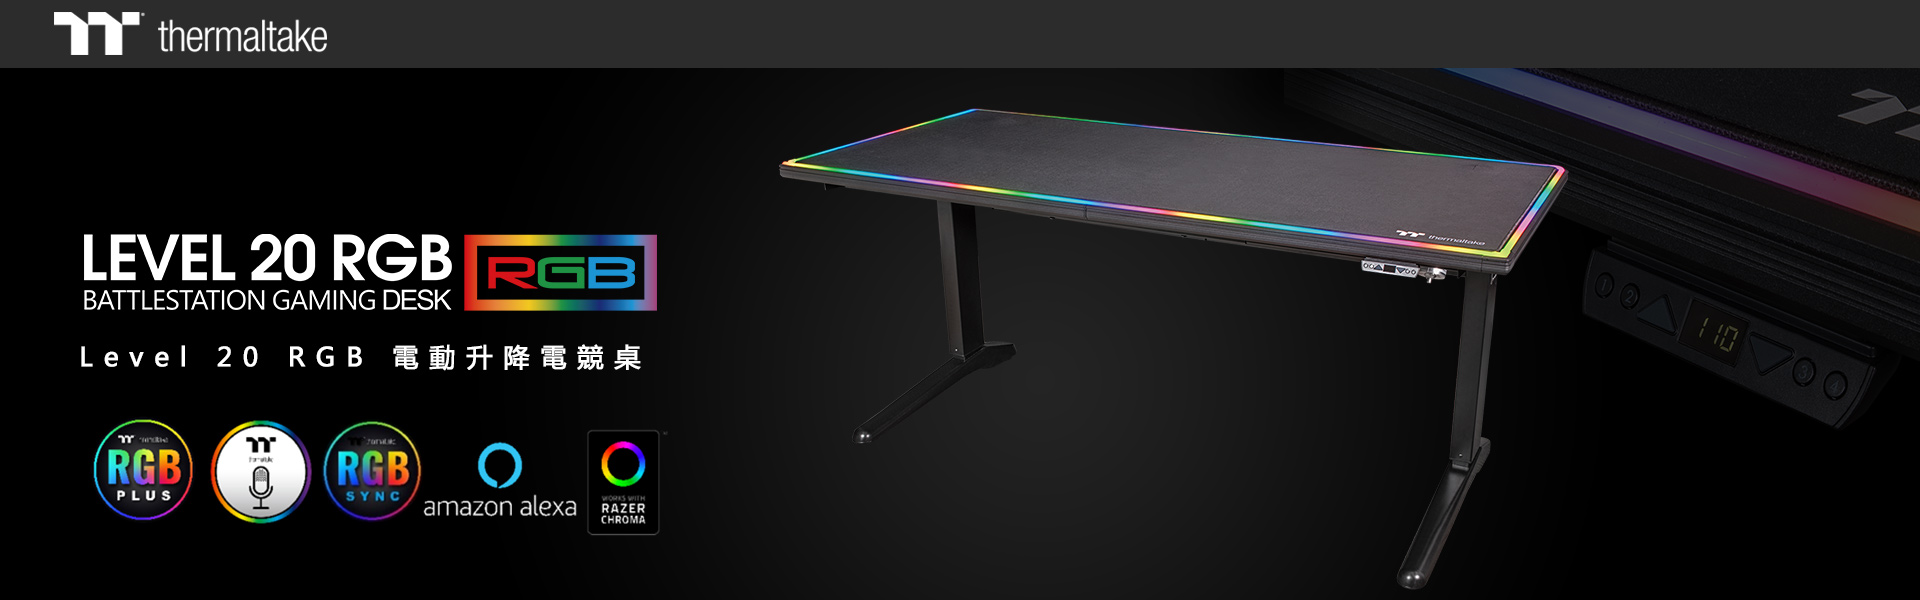 曜越高階電競產品線TT Gaming Level 20 RGB電競電動升降桌正式上線_1